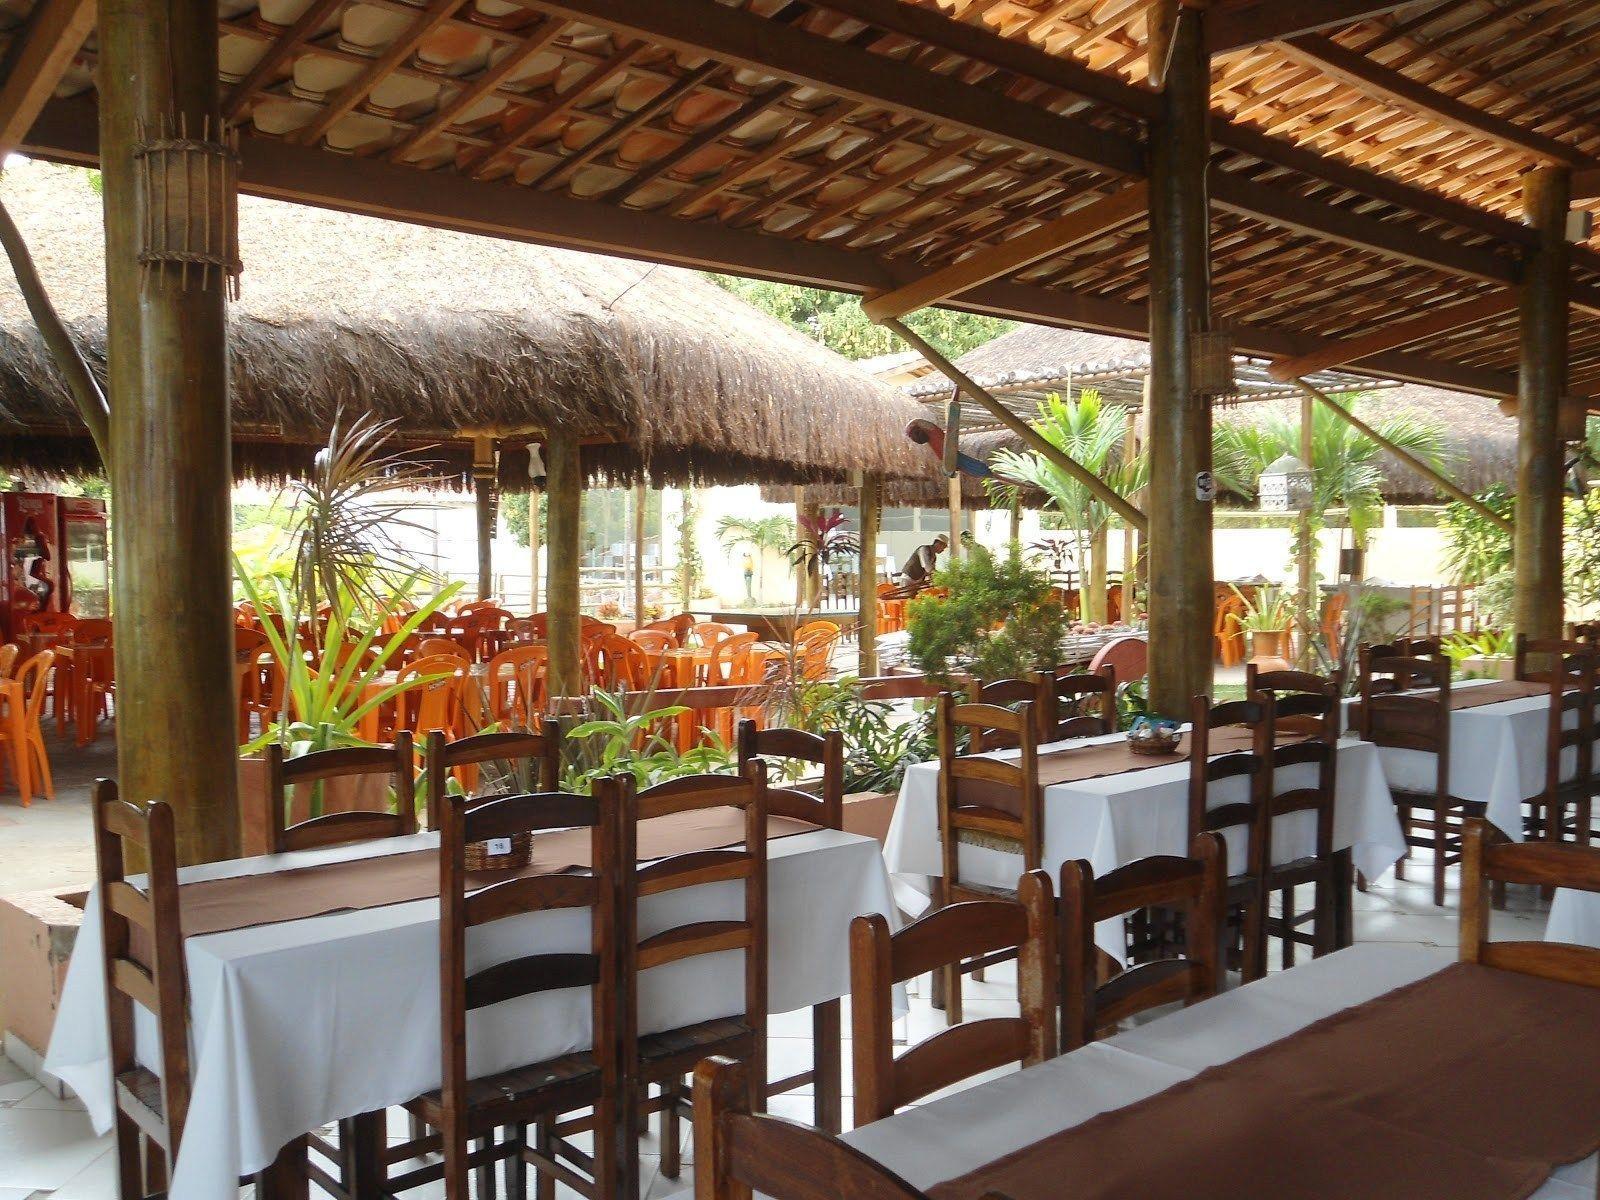 Abertura de bares e restaurantes é antecipada em Pernambuco